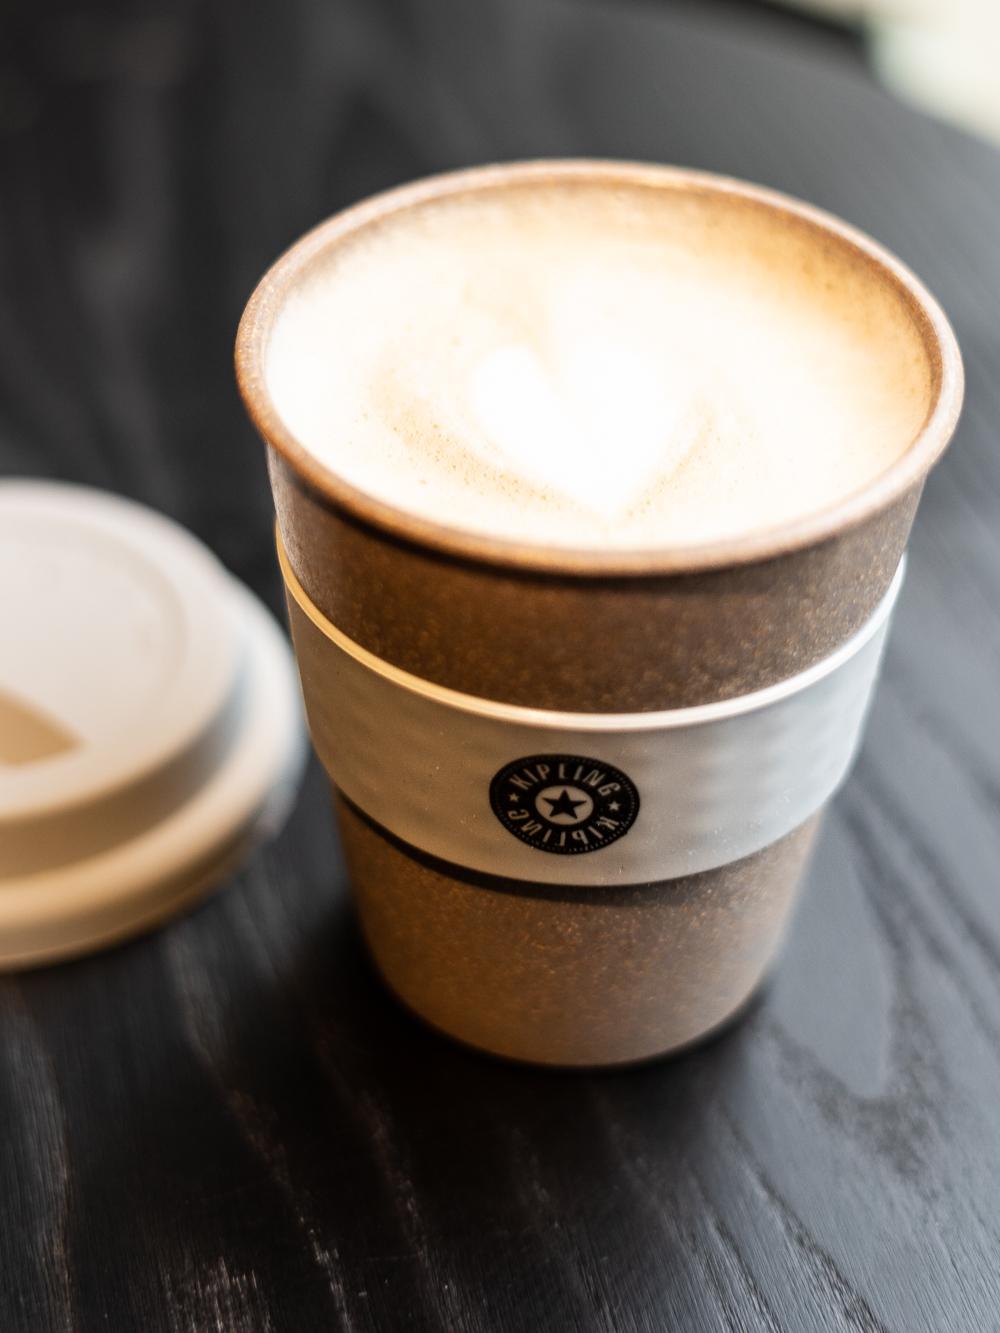 Ist Kaffee wirklich ungesund-Kaffee Liebe-Kaffee Blog-andysparkles